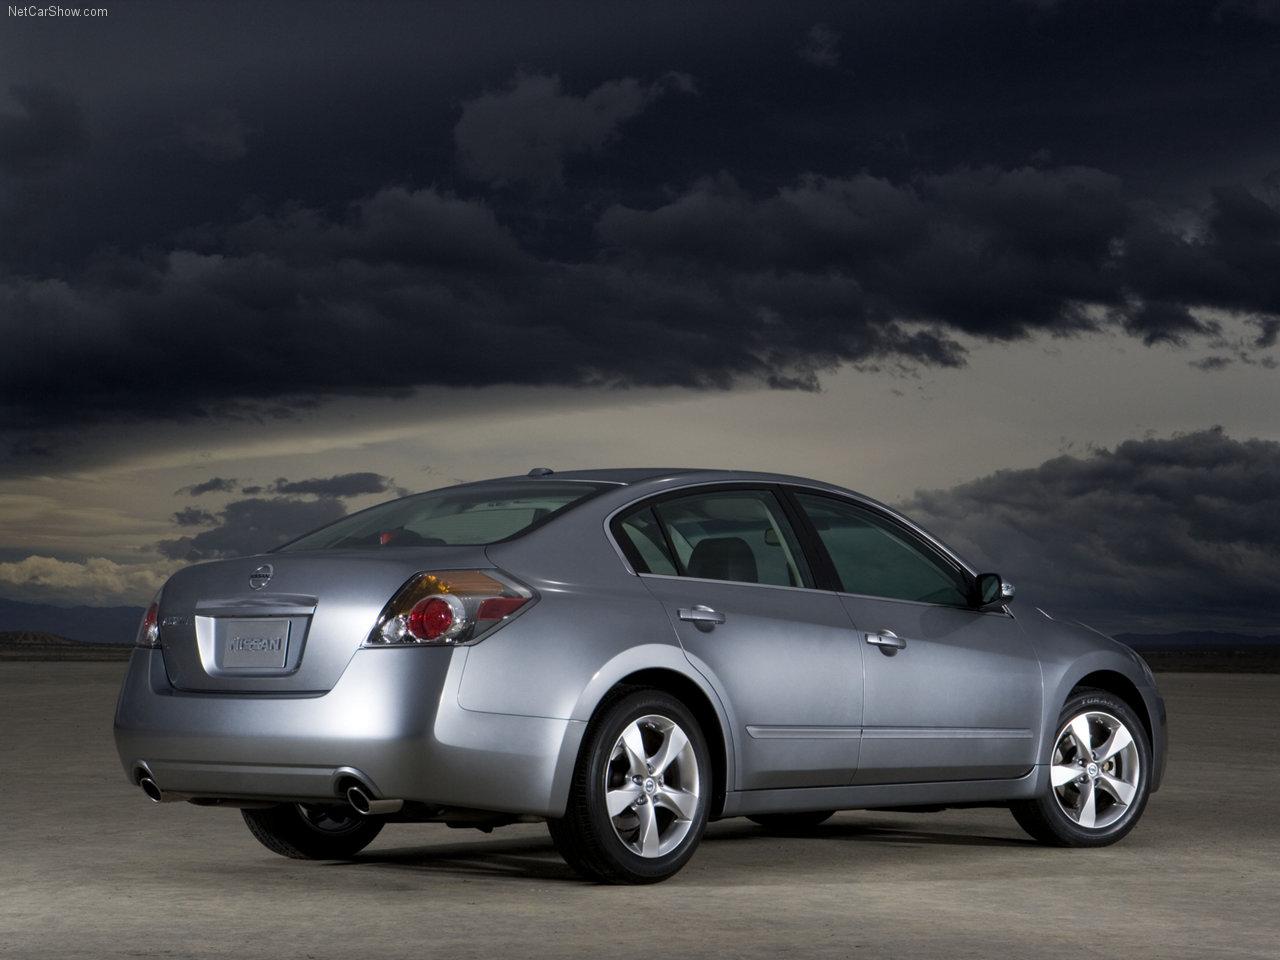 http://1.bp.blogspot.com/-O_MA86hgSTg/TXR_Py5TA6I/AAAAAAAADm8/m0h2arxn-1c/s1600/Nissan-Altima_2007_1280x960_wallpaper_08.jpg